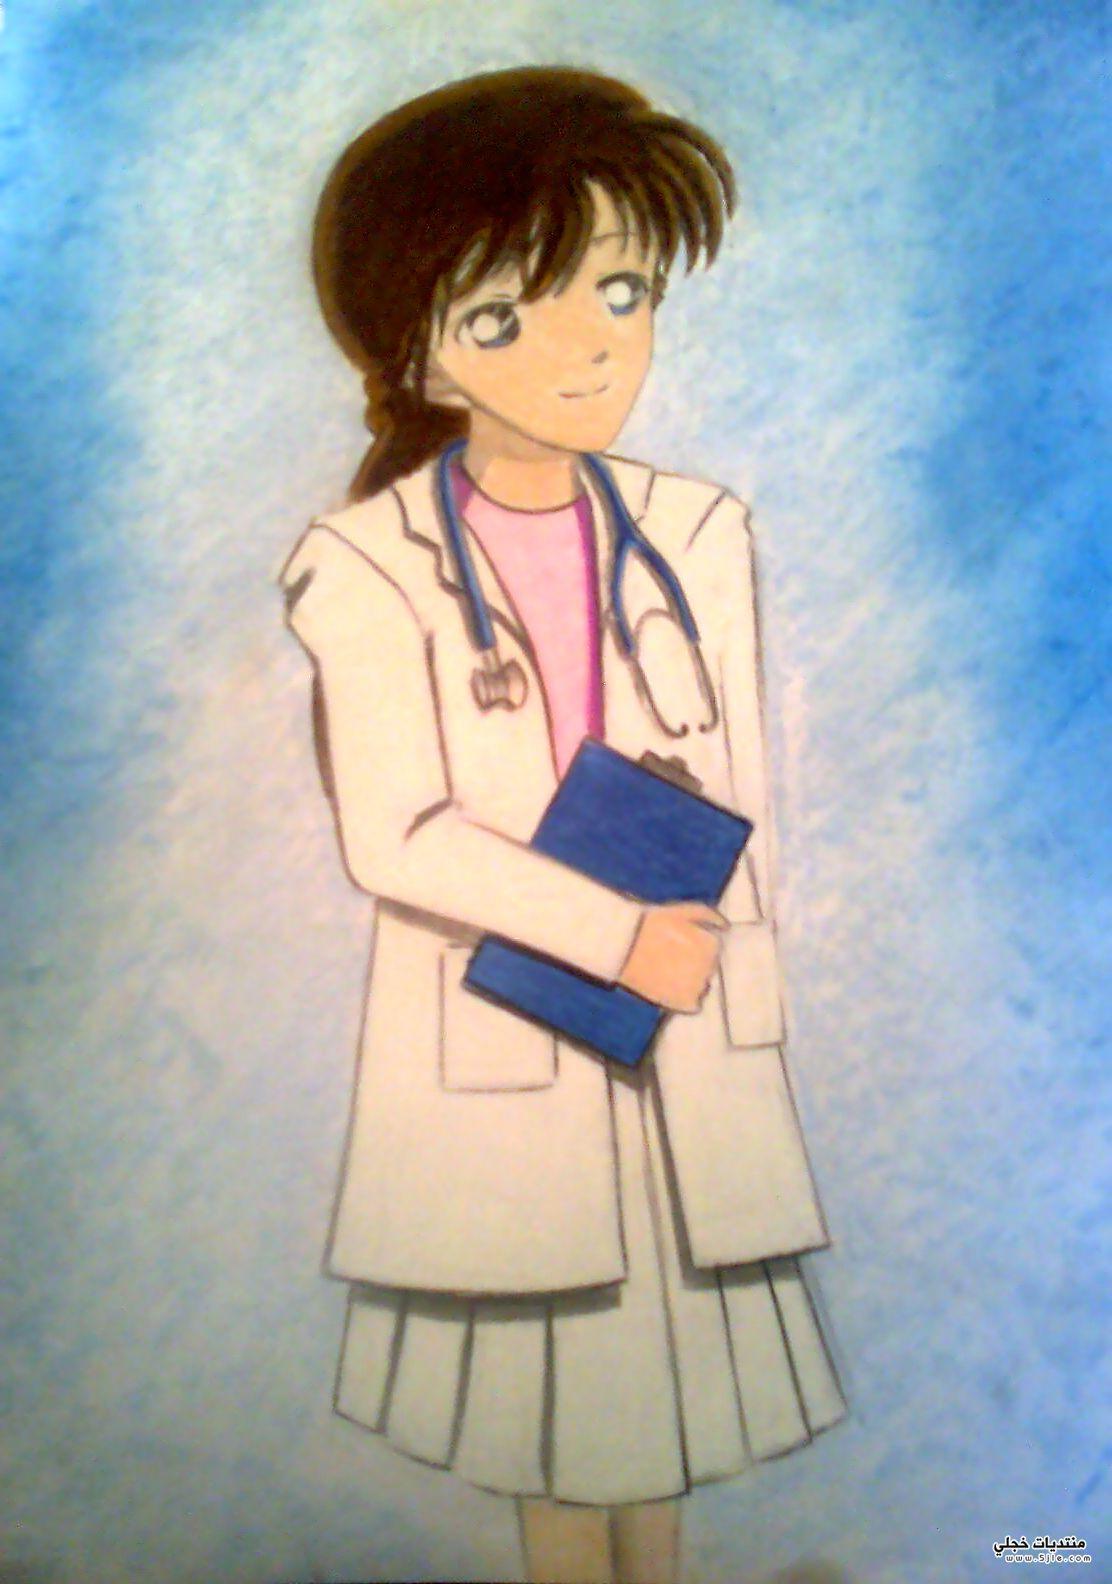 اجمل انمي أطباء 2013 Anime